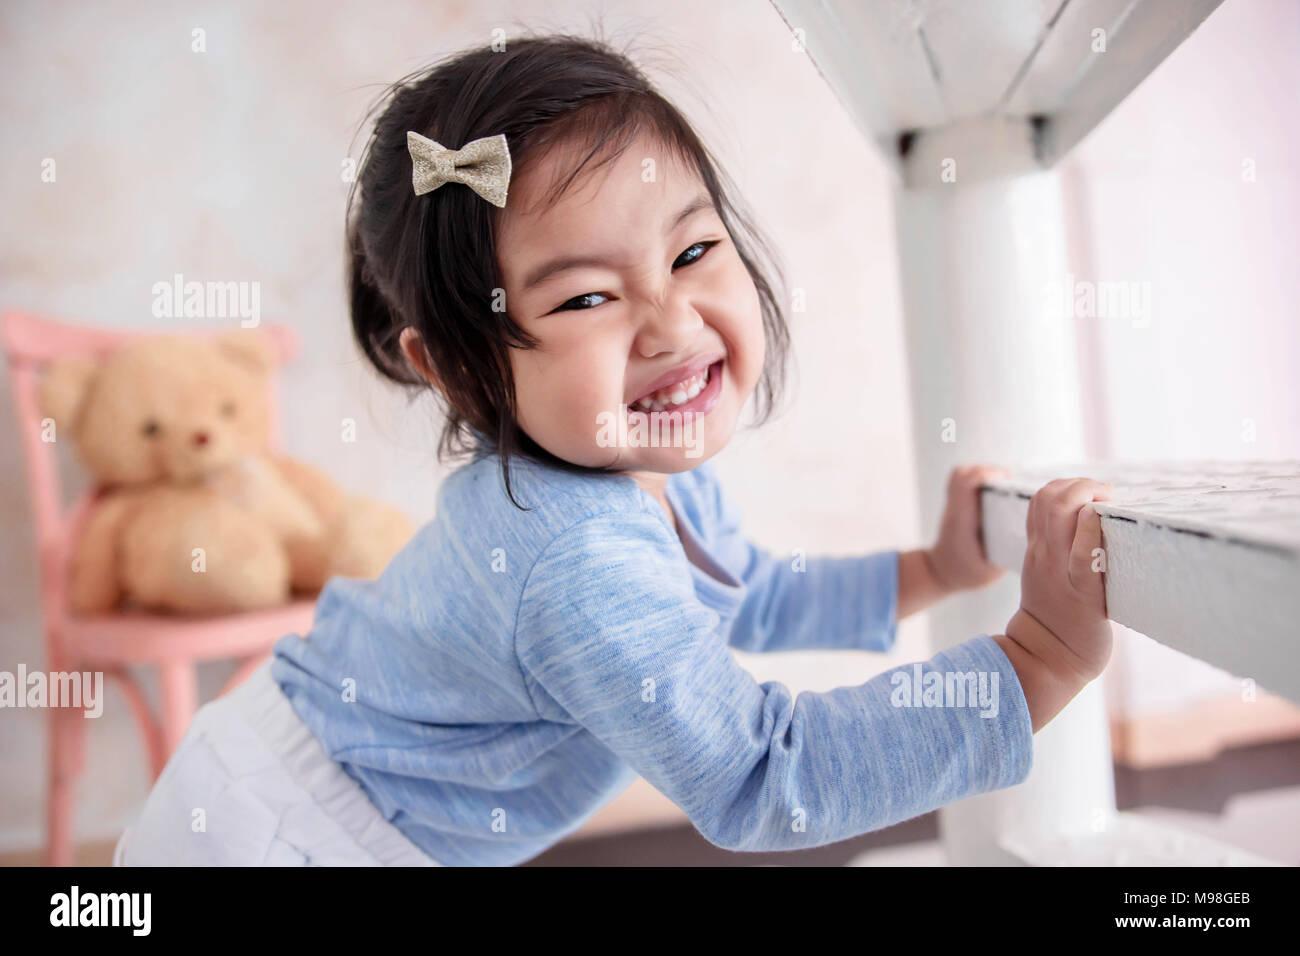 Schöne Kinder Portrait, ein 2 Jahre altes Kind lächelnd und mit ...